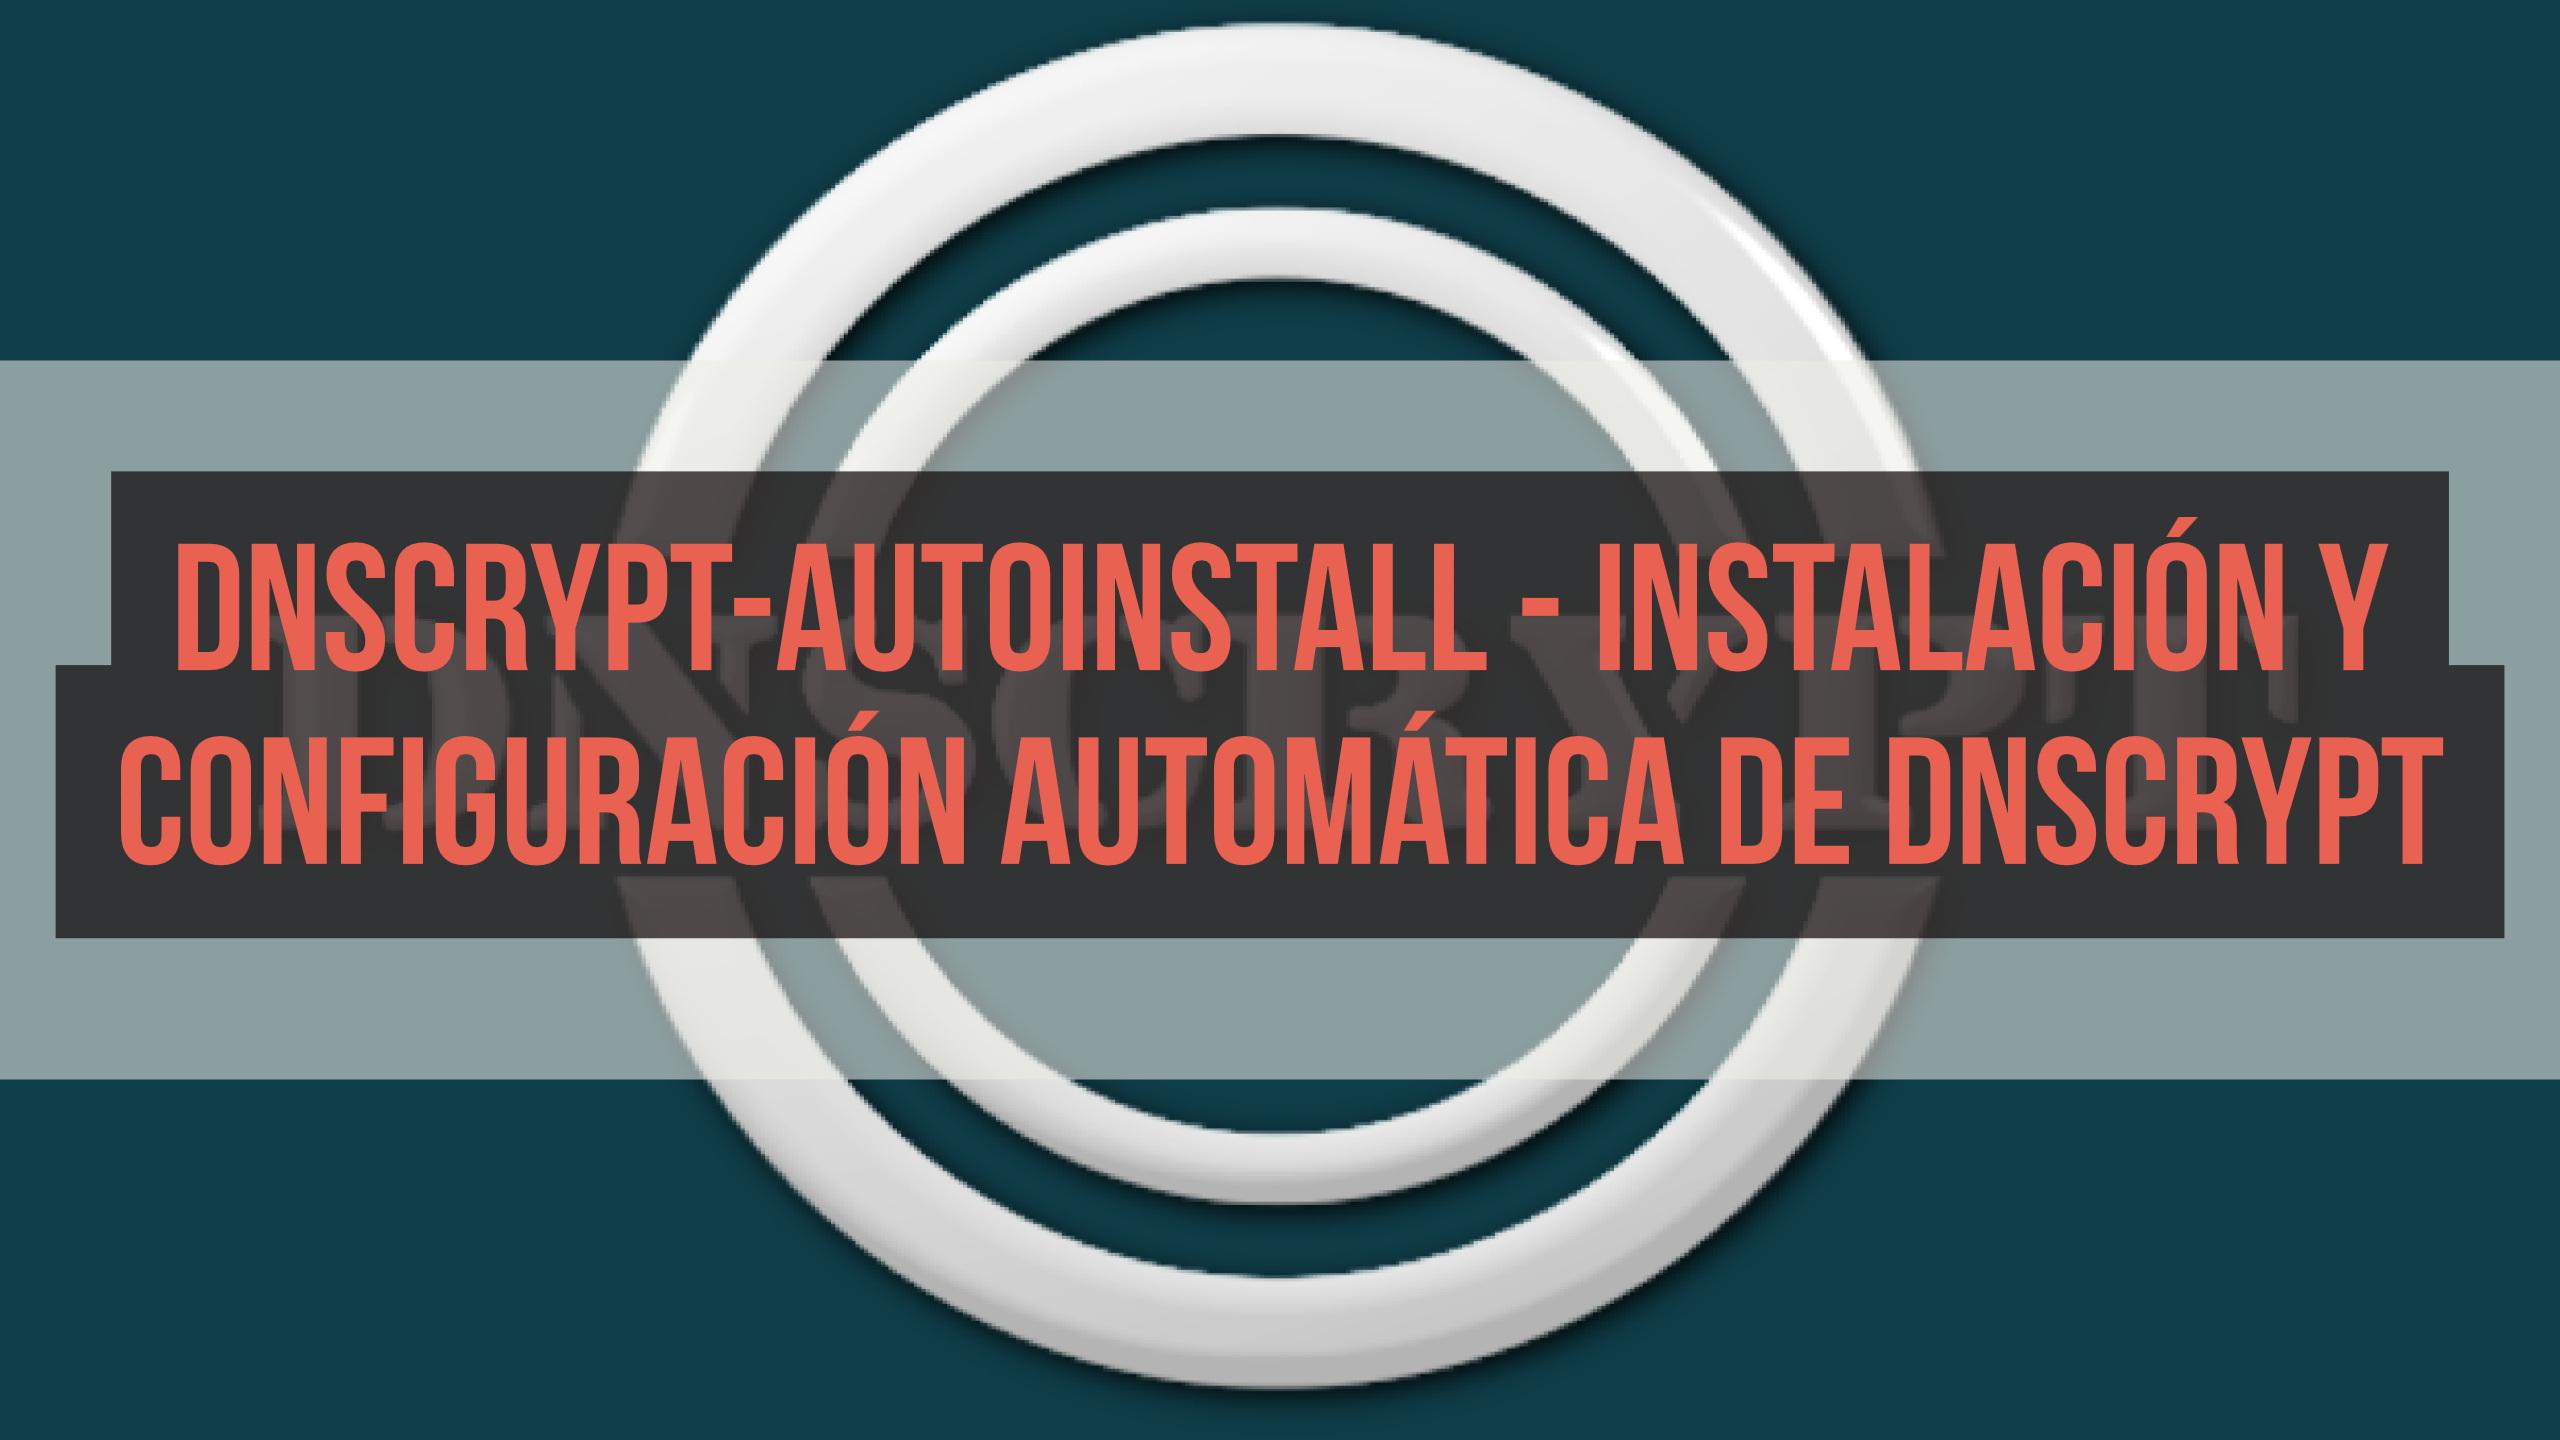 dnscrypt-autoinstall – Instalación y configuración automática de DNSCrypt